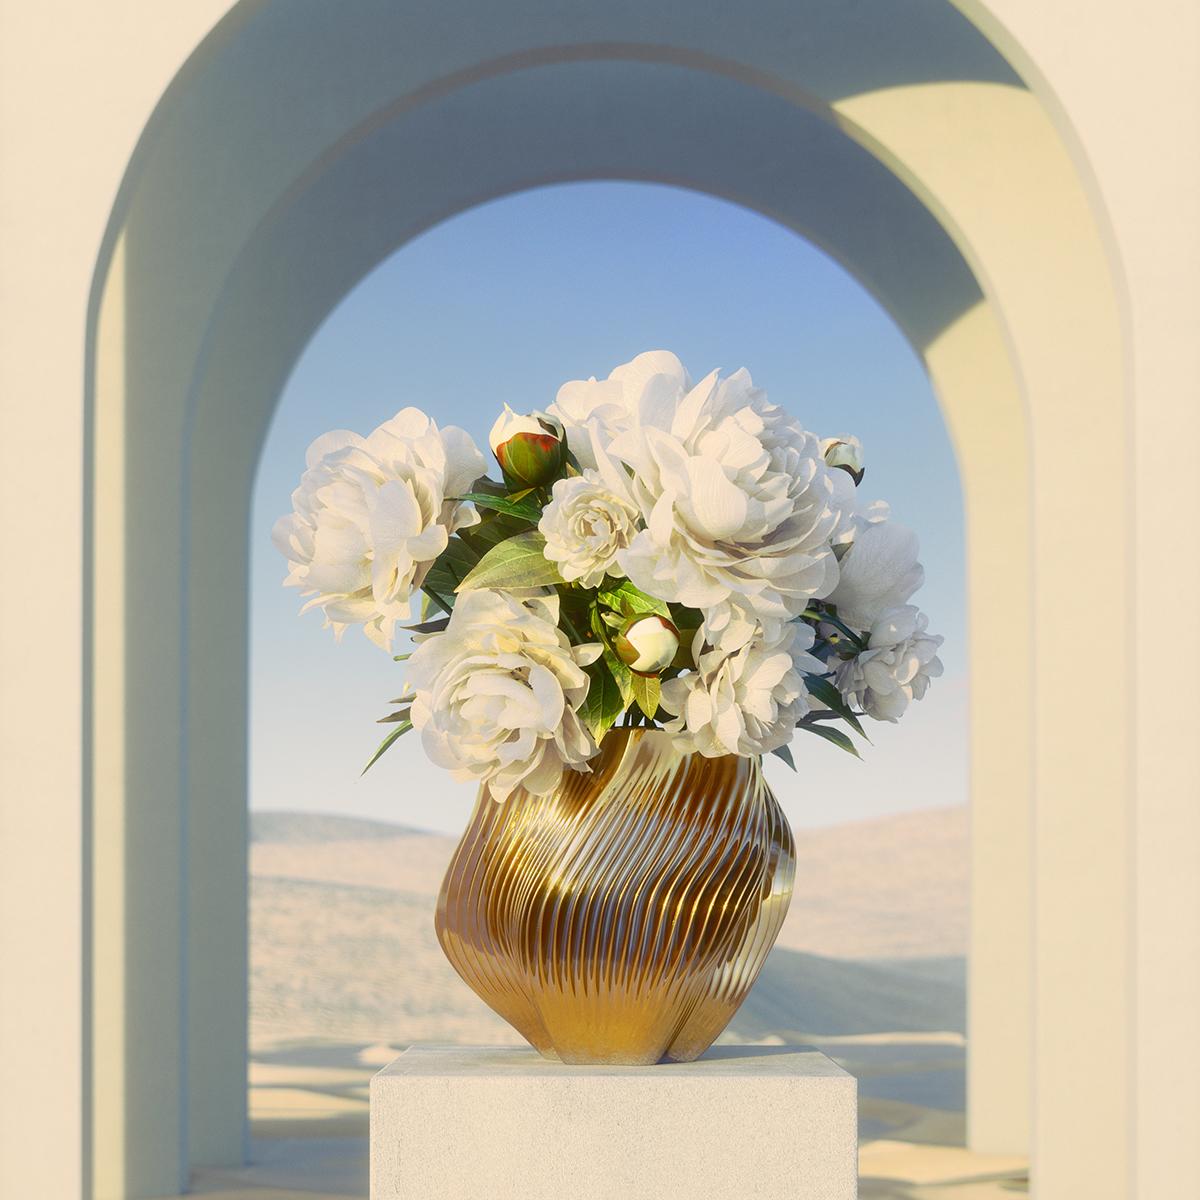 5 Inch Vase